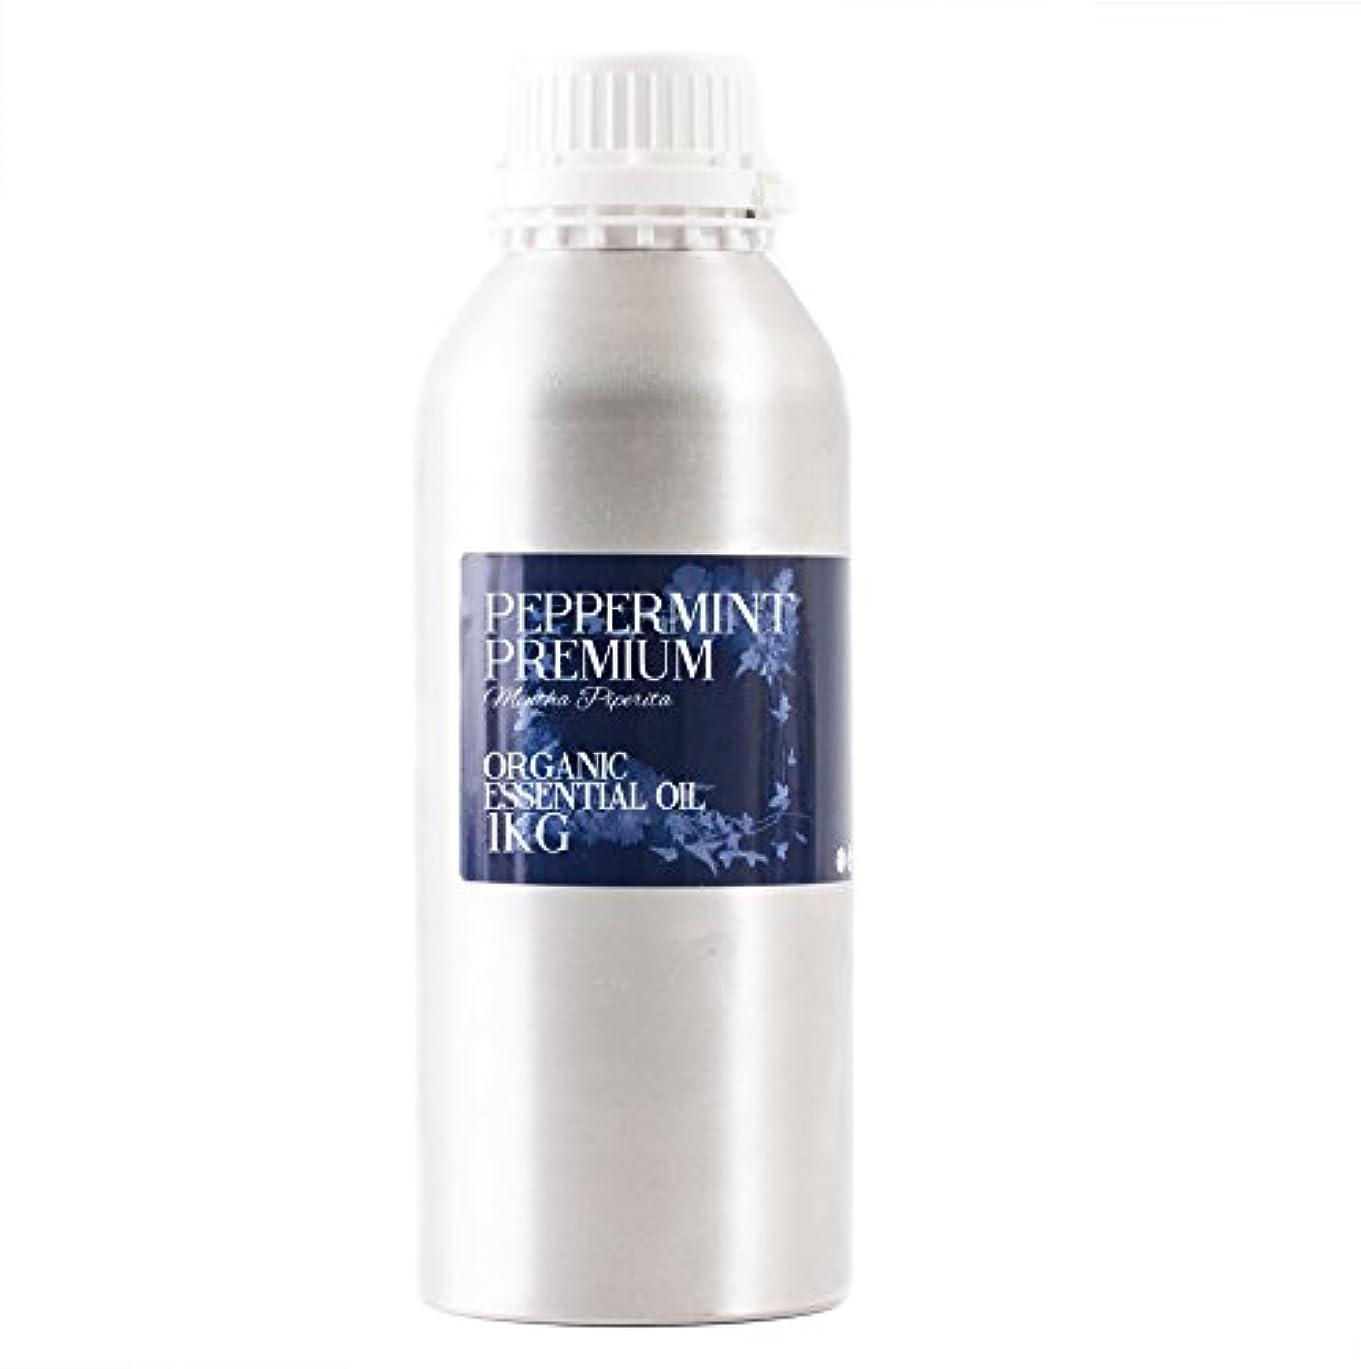 夜明けに美徳空港Mystic Moments | Peppermint Premium Organic Essential Oil - 1Kg - 100% Pure